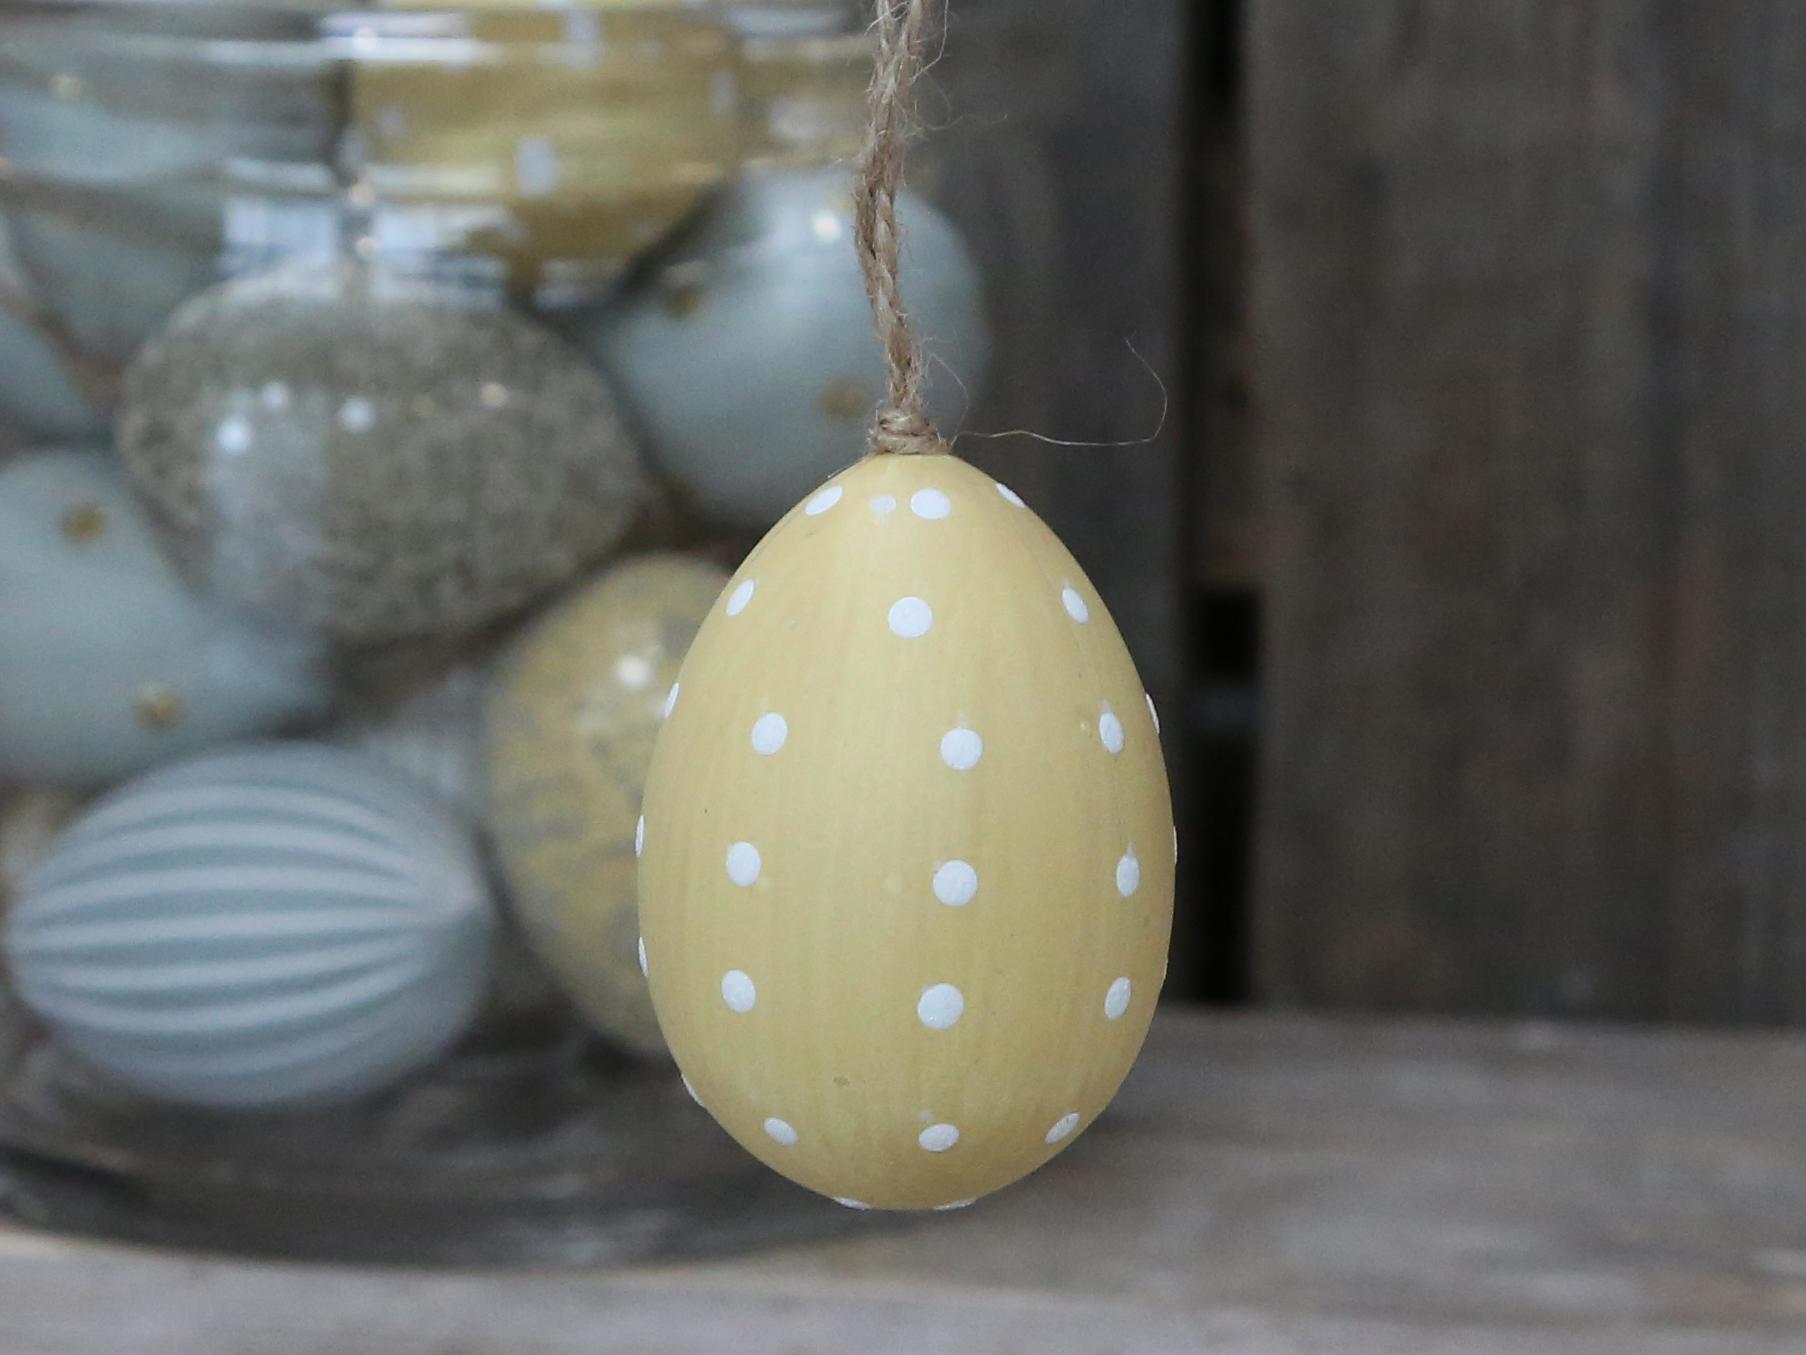 Chic Antique Závěsné plastové vejce Melon Dots, žlutá barva, bílá barva, plast